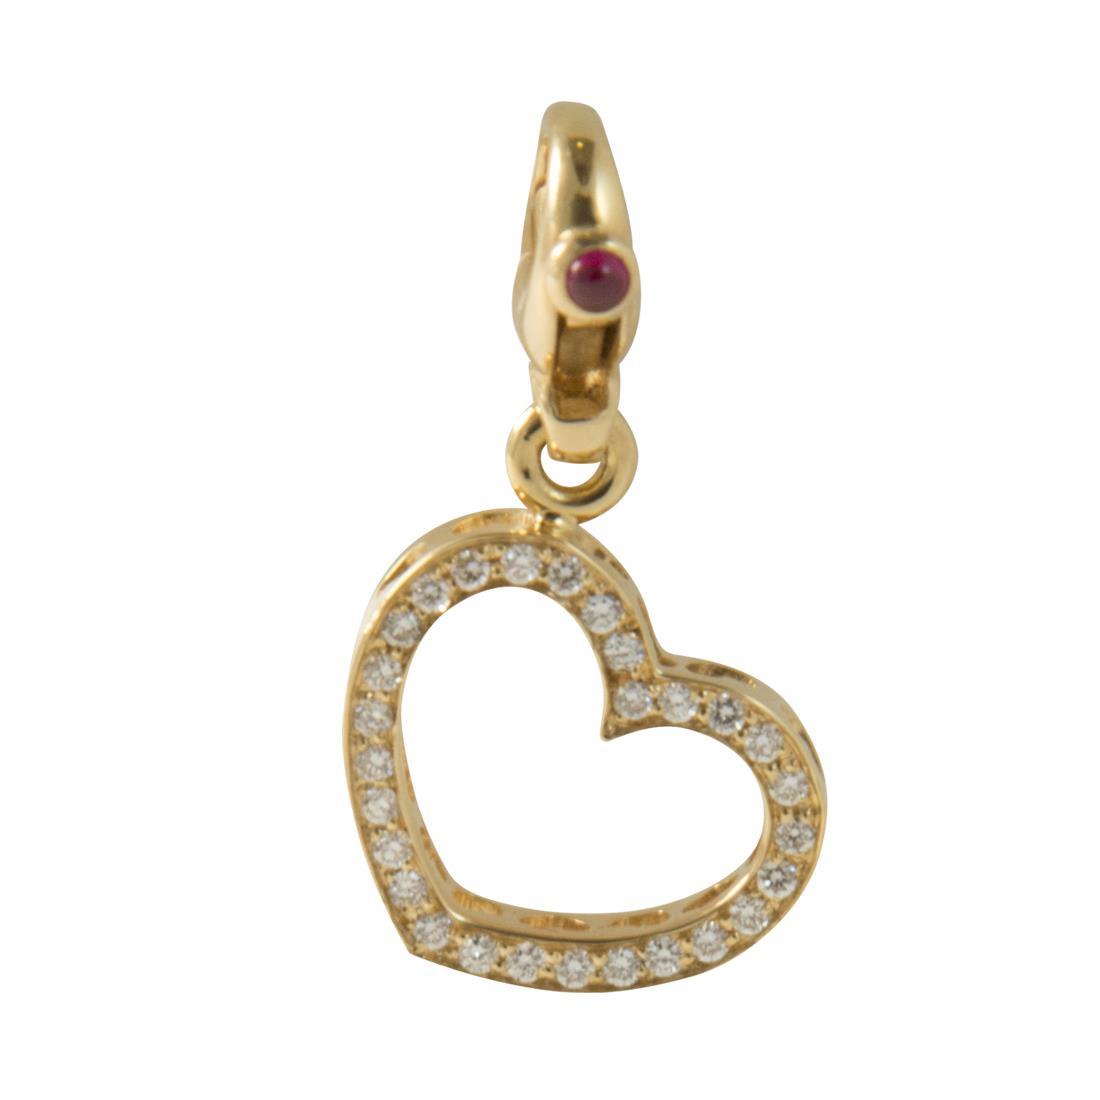 Ciondolo in oro giallo con diamanti ct 0.26 e rubini ct 0.06 - PASQUALE BRUNI